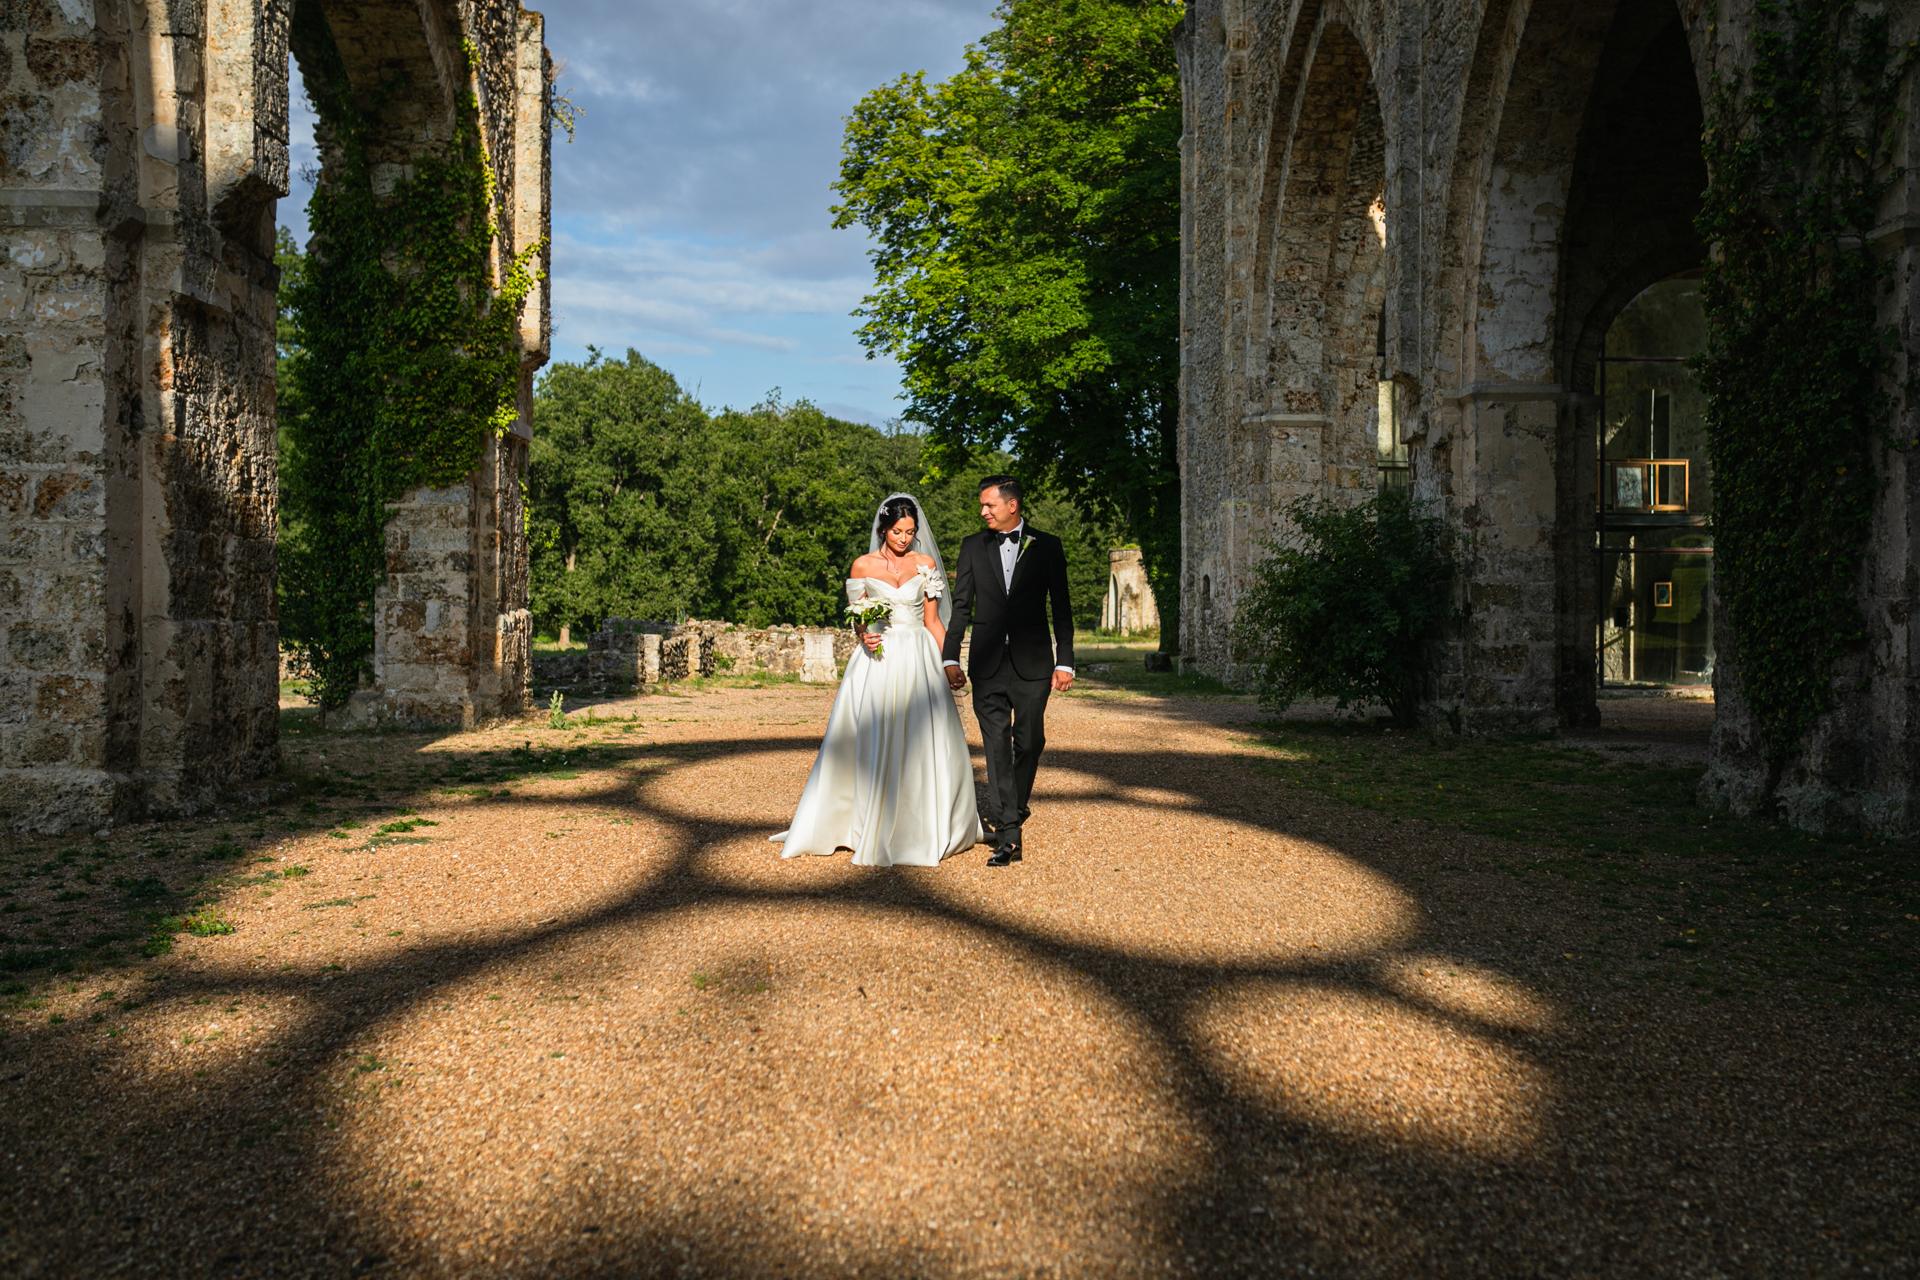 Frankreich Abbey Elopement Bild | Das frisch verheiratete Paar geht Hand in Hand durch Torbögen.